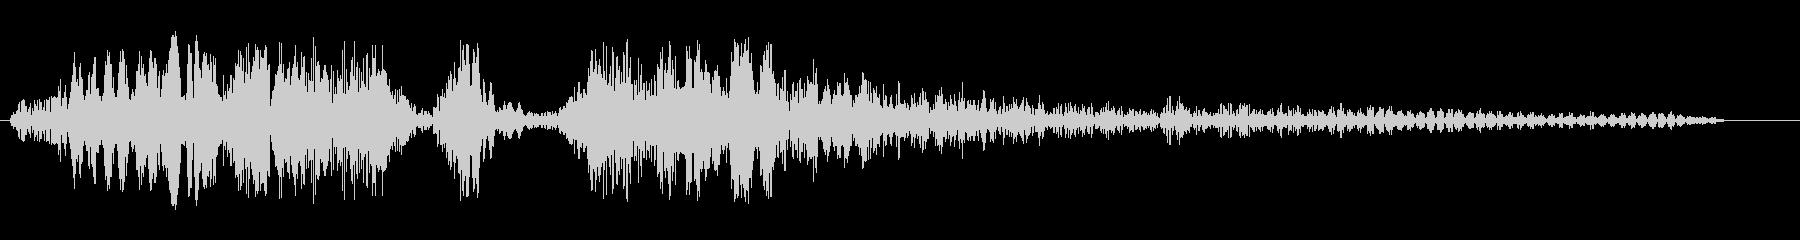 ゴーァビシューン(通過音)の未再生の波形